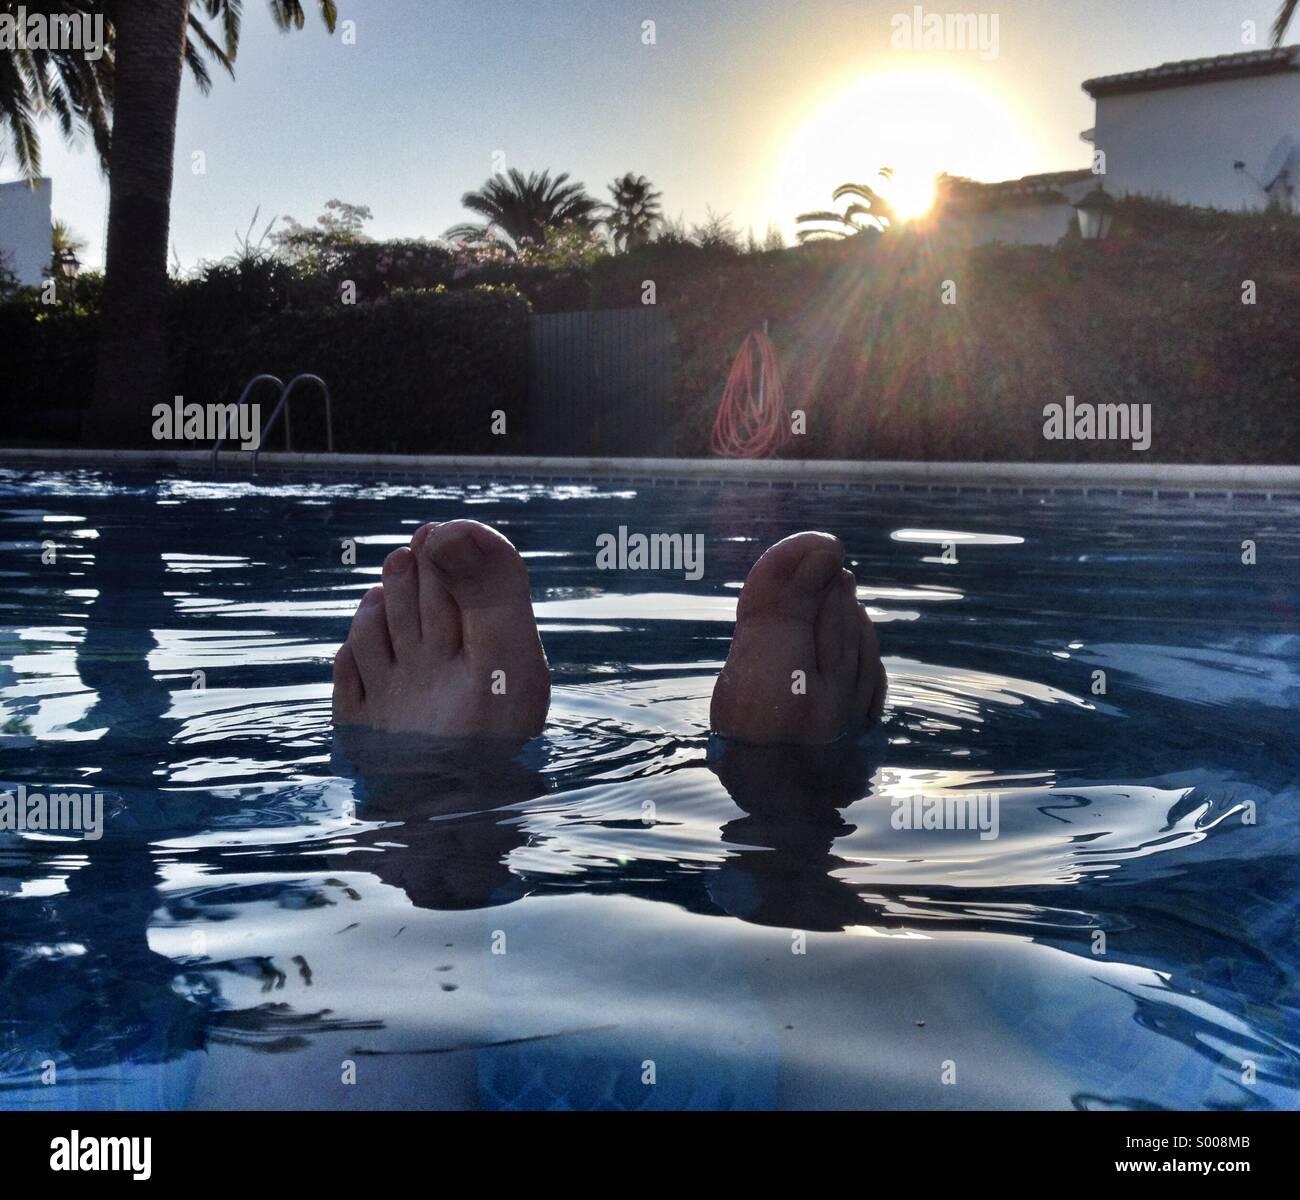 Pieds qui sort d'une piscine dans une villa espagnole. Photo Stock